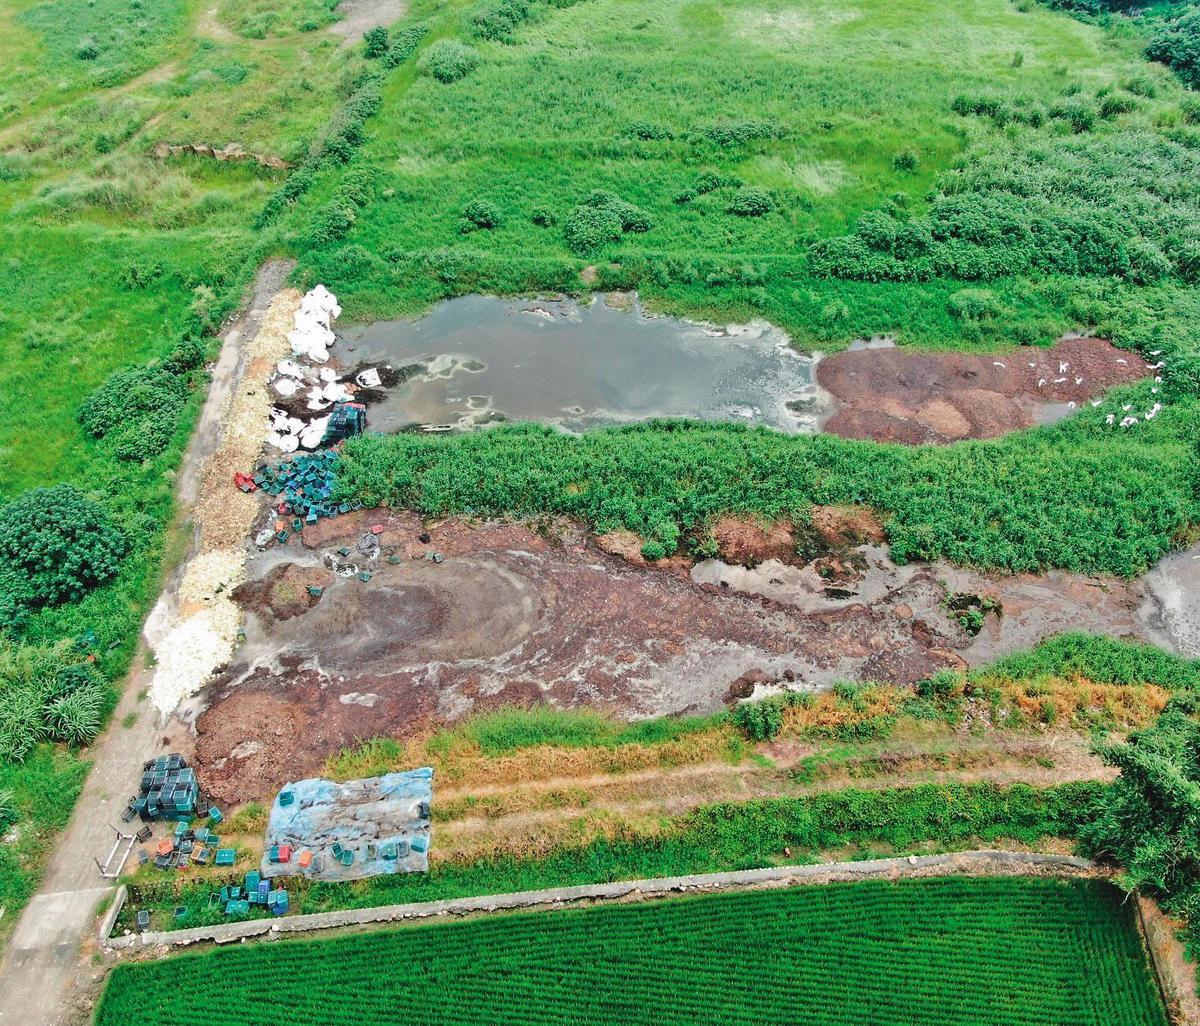 多處農地遭環保蟑螂棄置大量食品加工汙染物,嚴重衝擊環境。(環保局提供)